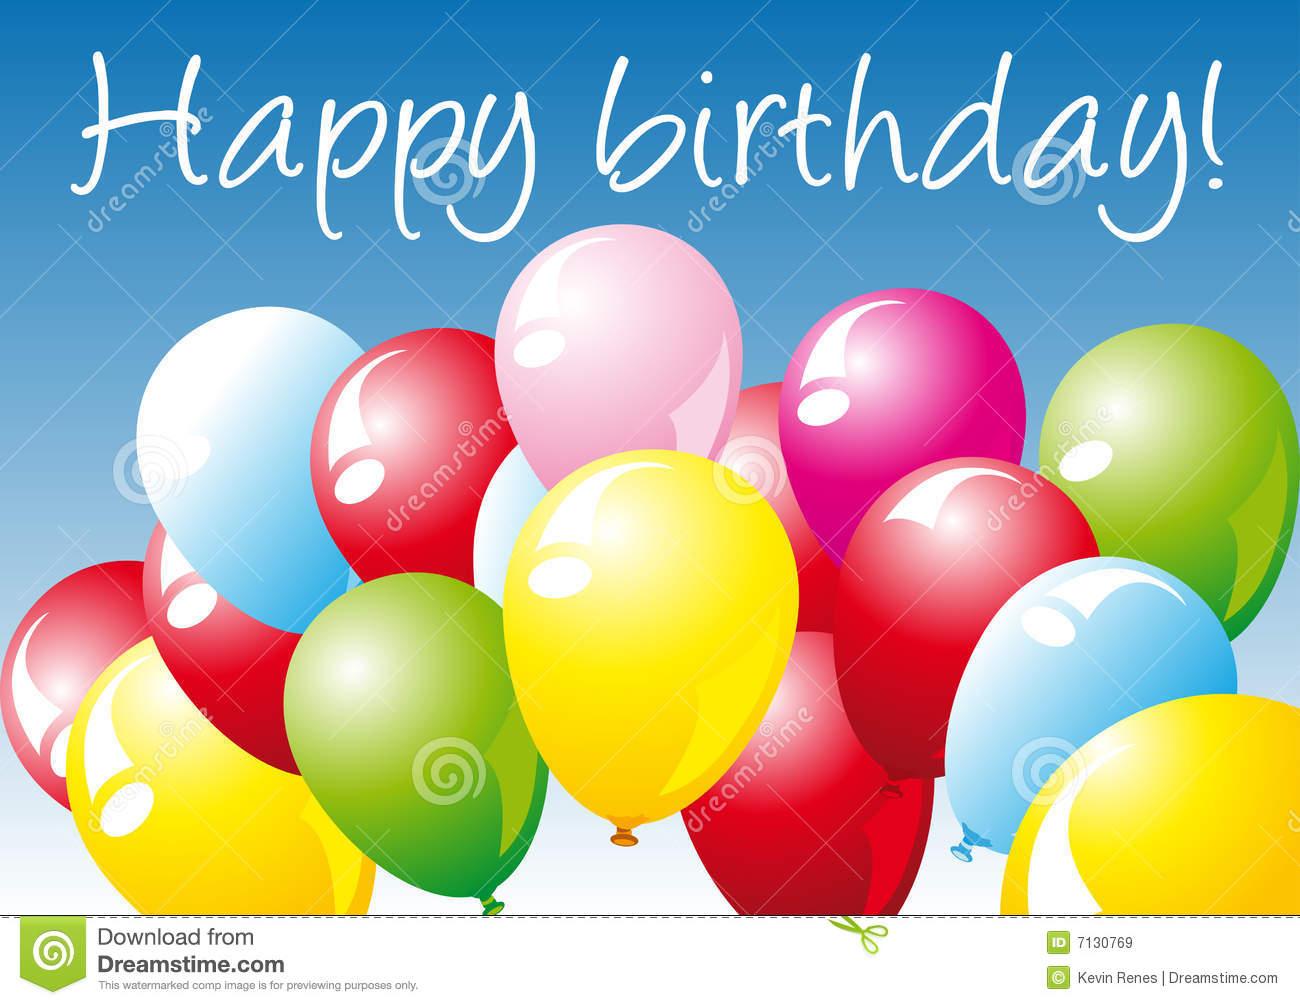 Alles Gute Zum Geburtstag Vektor Abbildung. Illustration Von verwandt mit Geburtstagsbilder Download